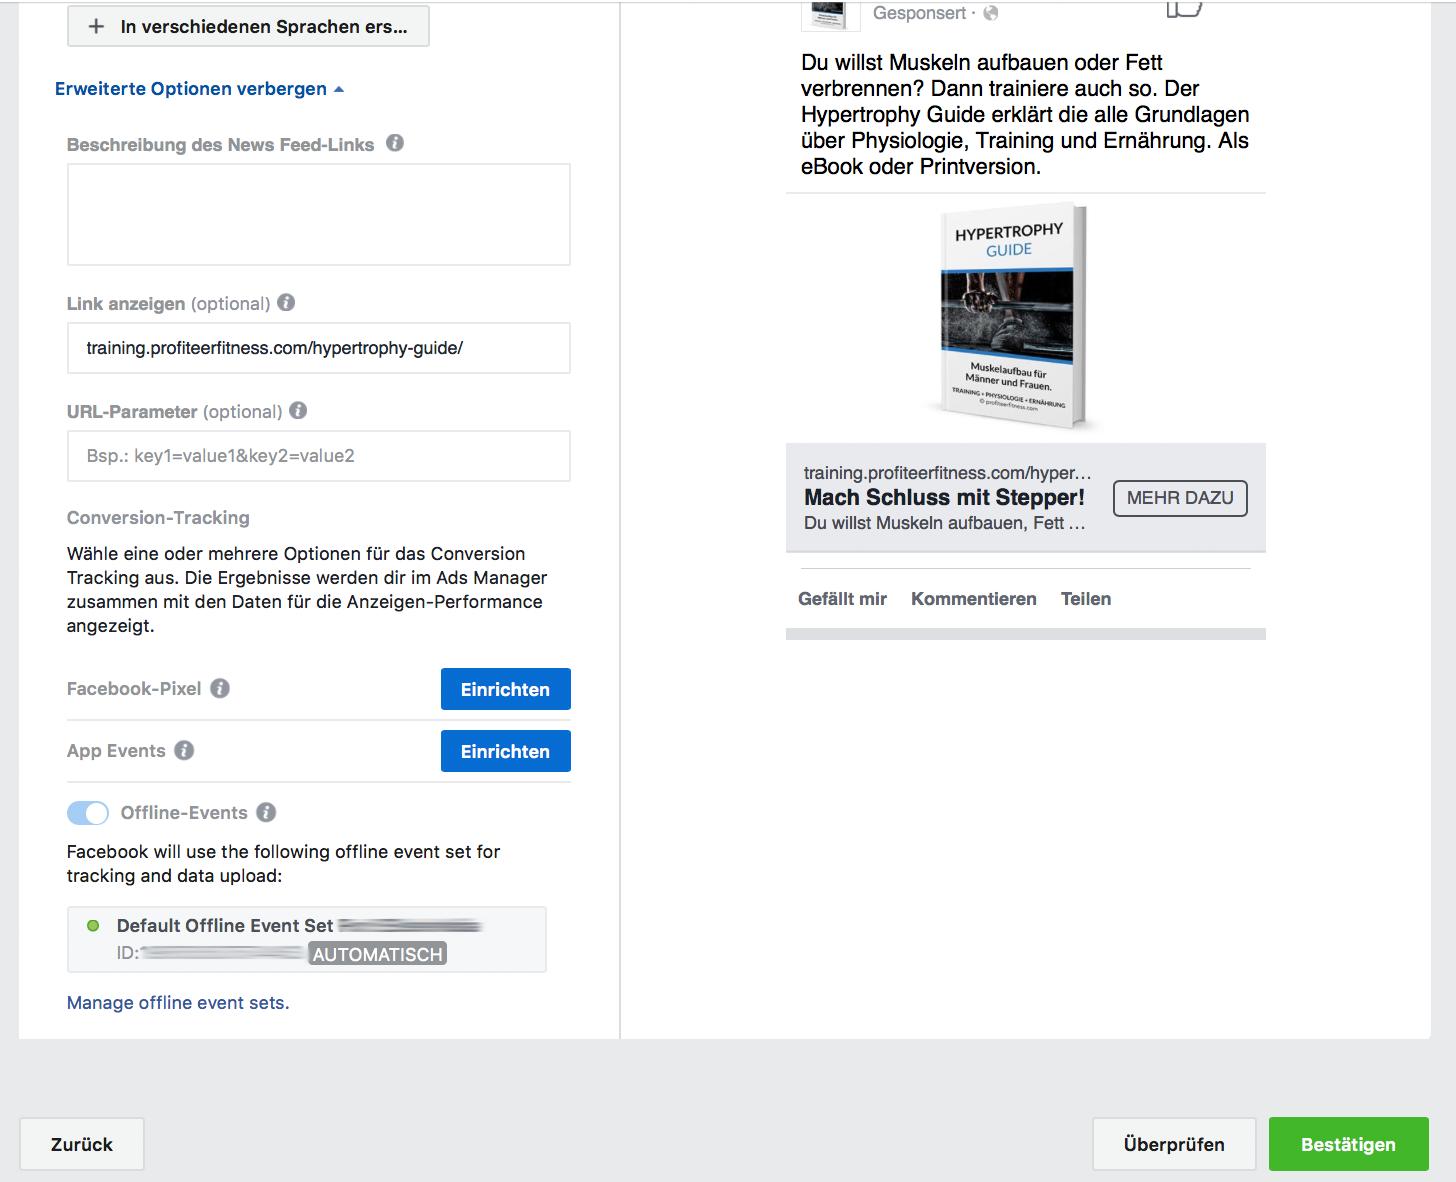 Facebook Werbeanzeige bestätigen und überprüfen lassen